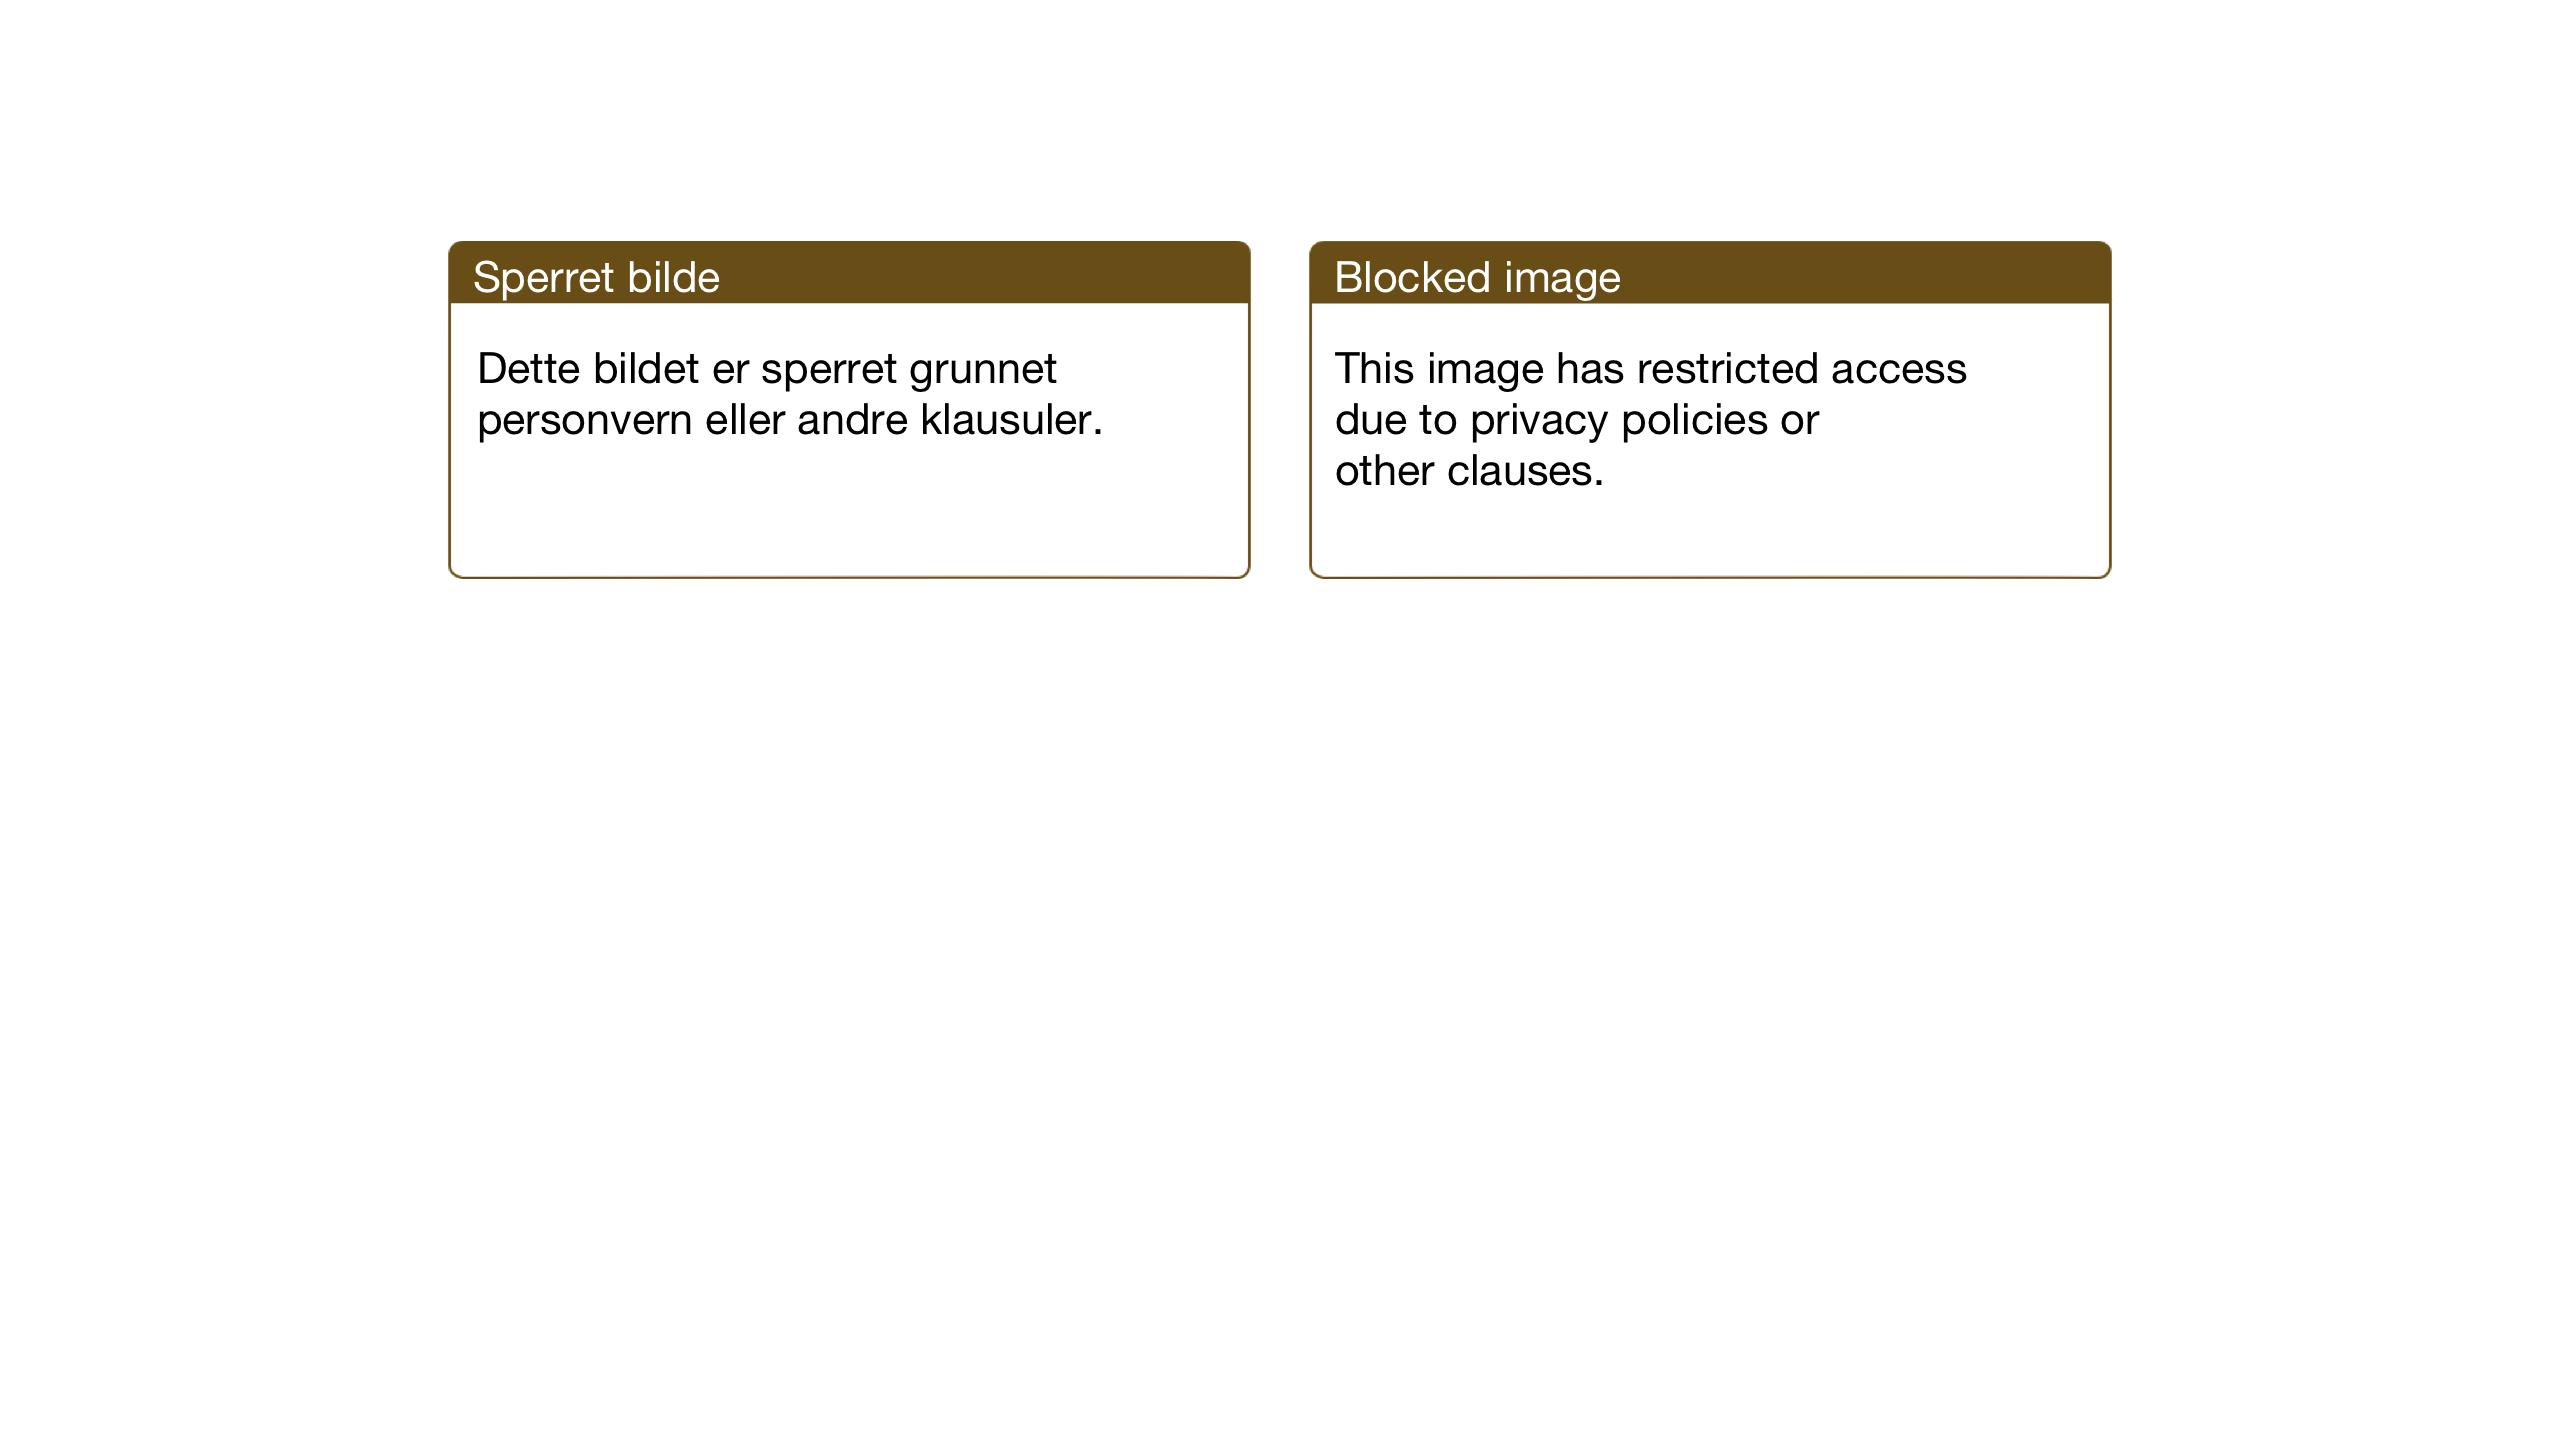 SAT, Ministerialprotokoller, klokkerbøker og fødselsregistre - Sør-Trøndelag, 637/L0564: Klokkerbok nr. 637C05, 1928-1968, s. 17